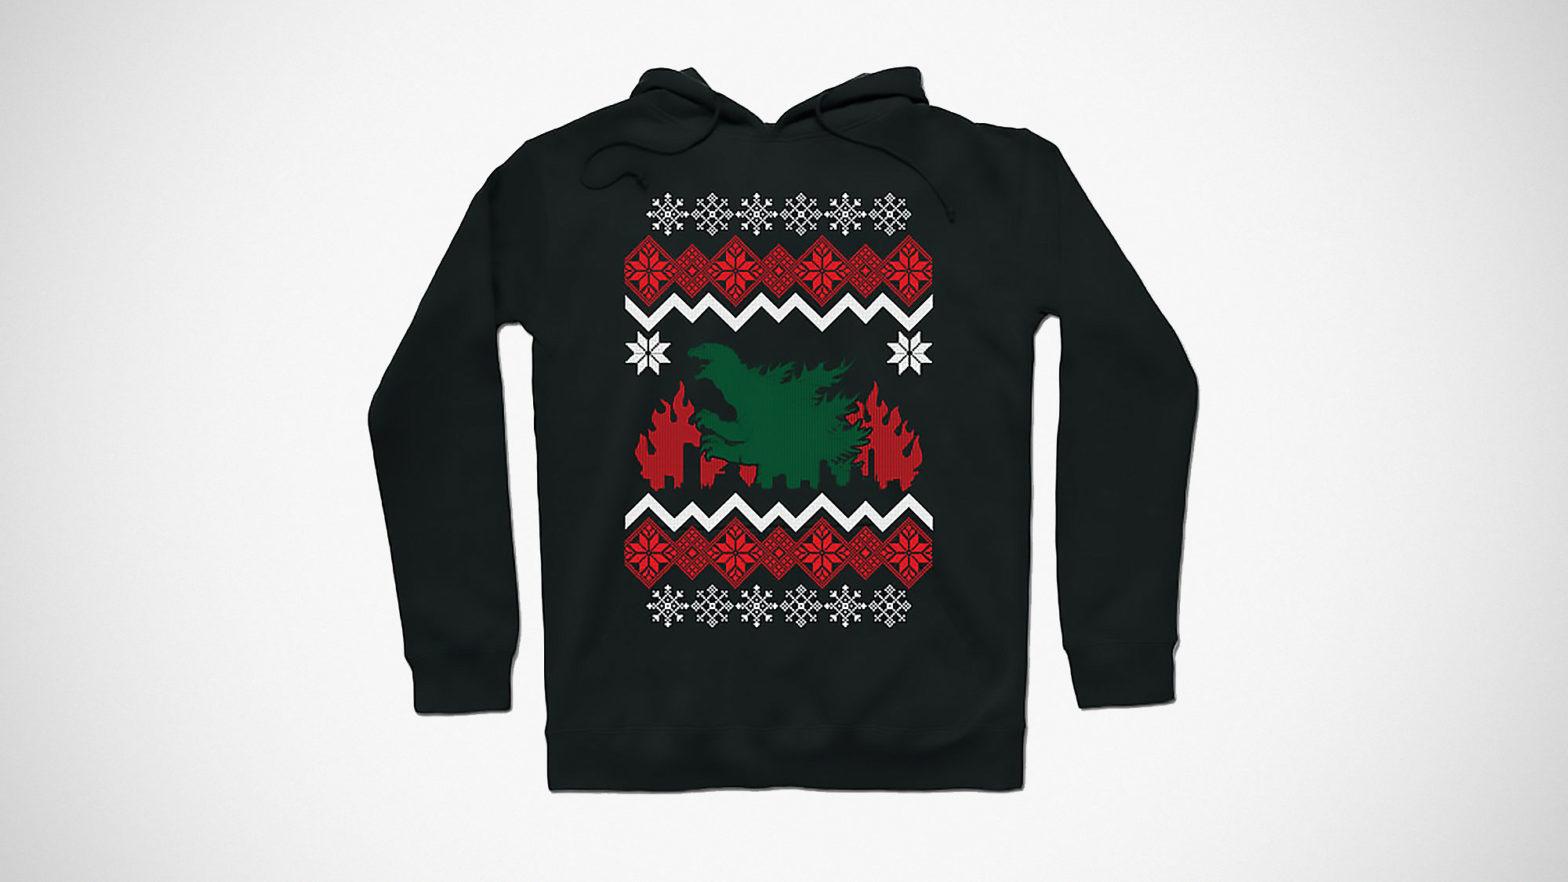 Godzilla Christmas Hoodie Sweater